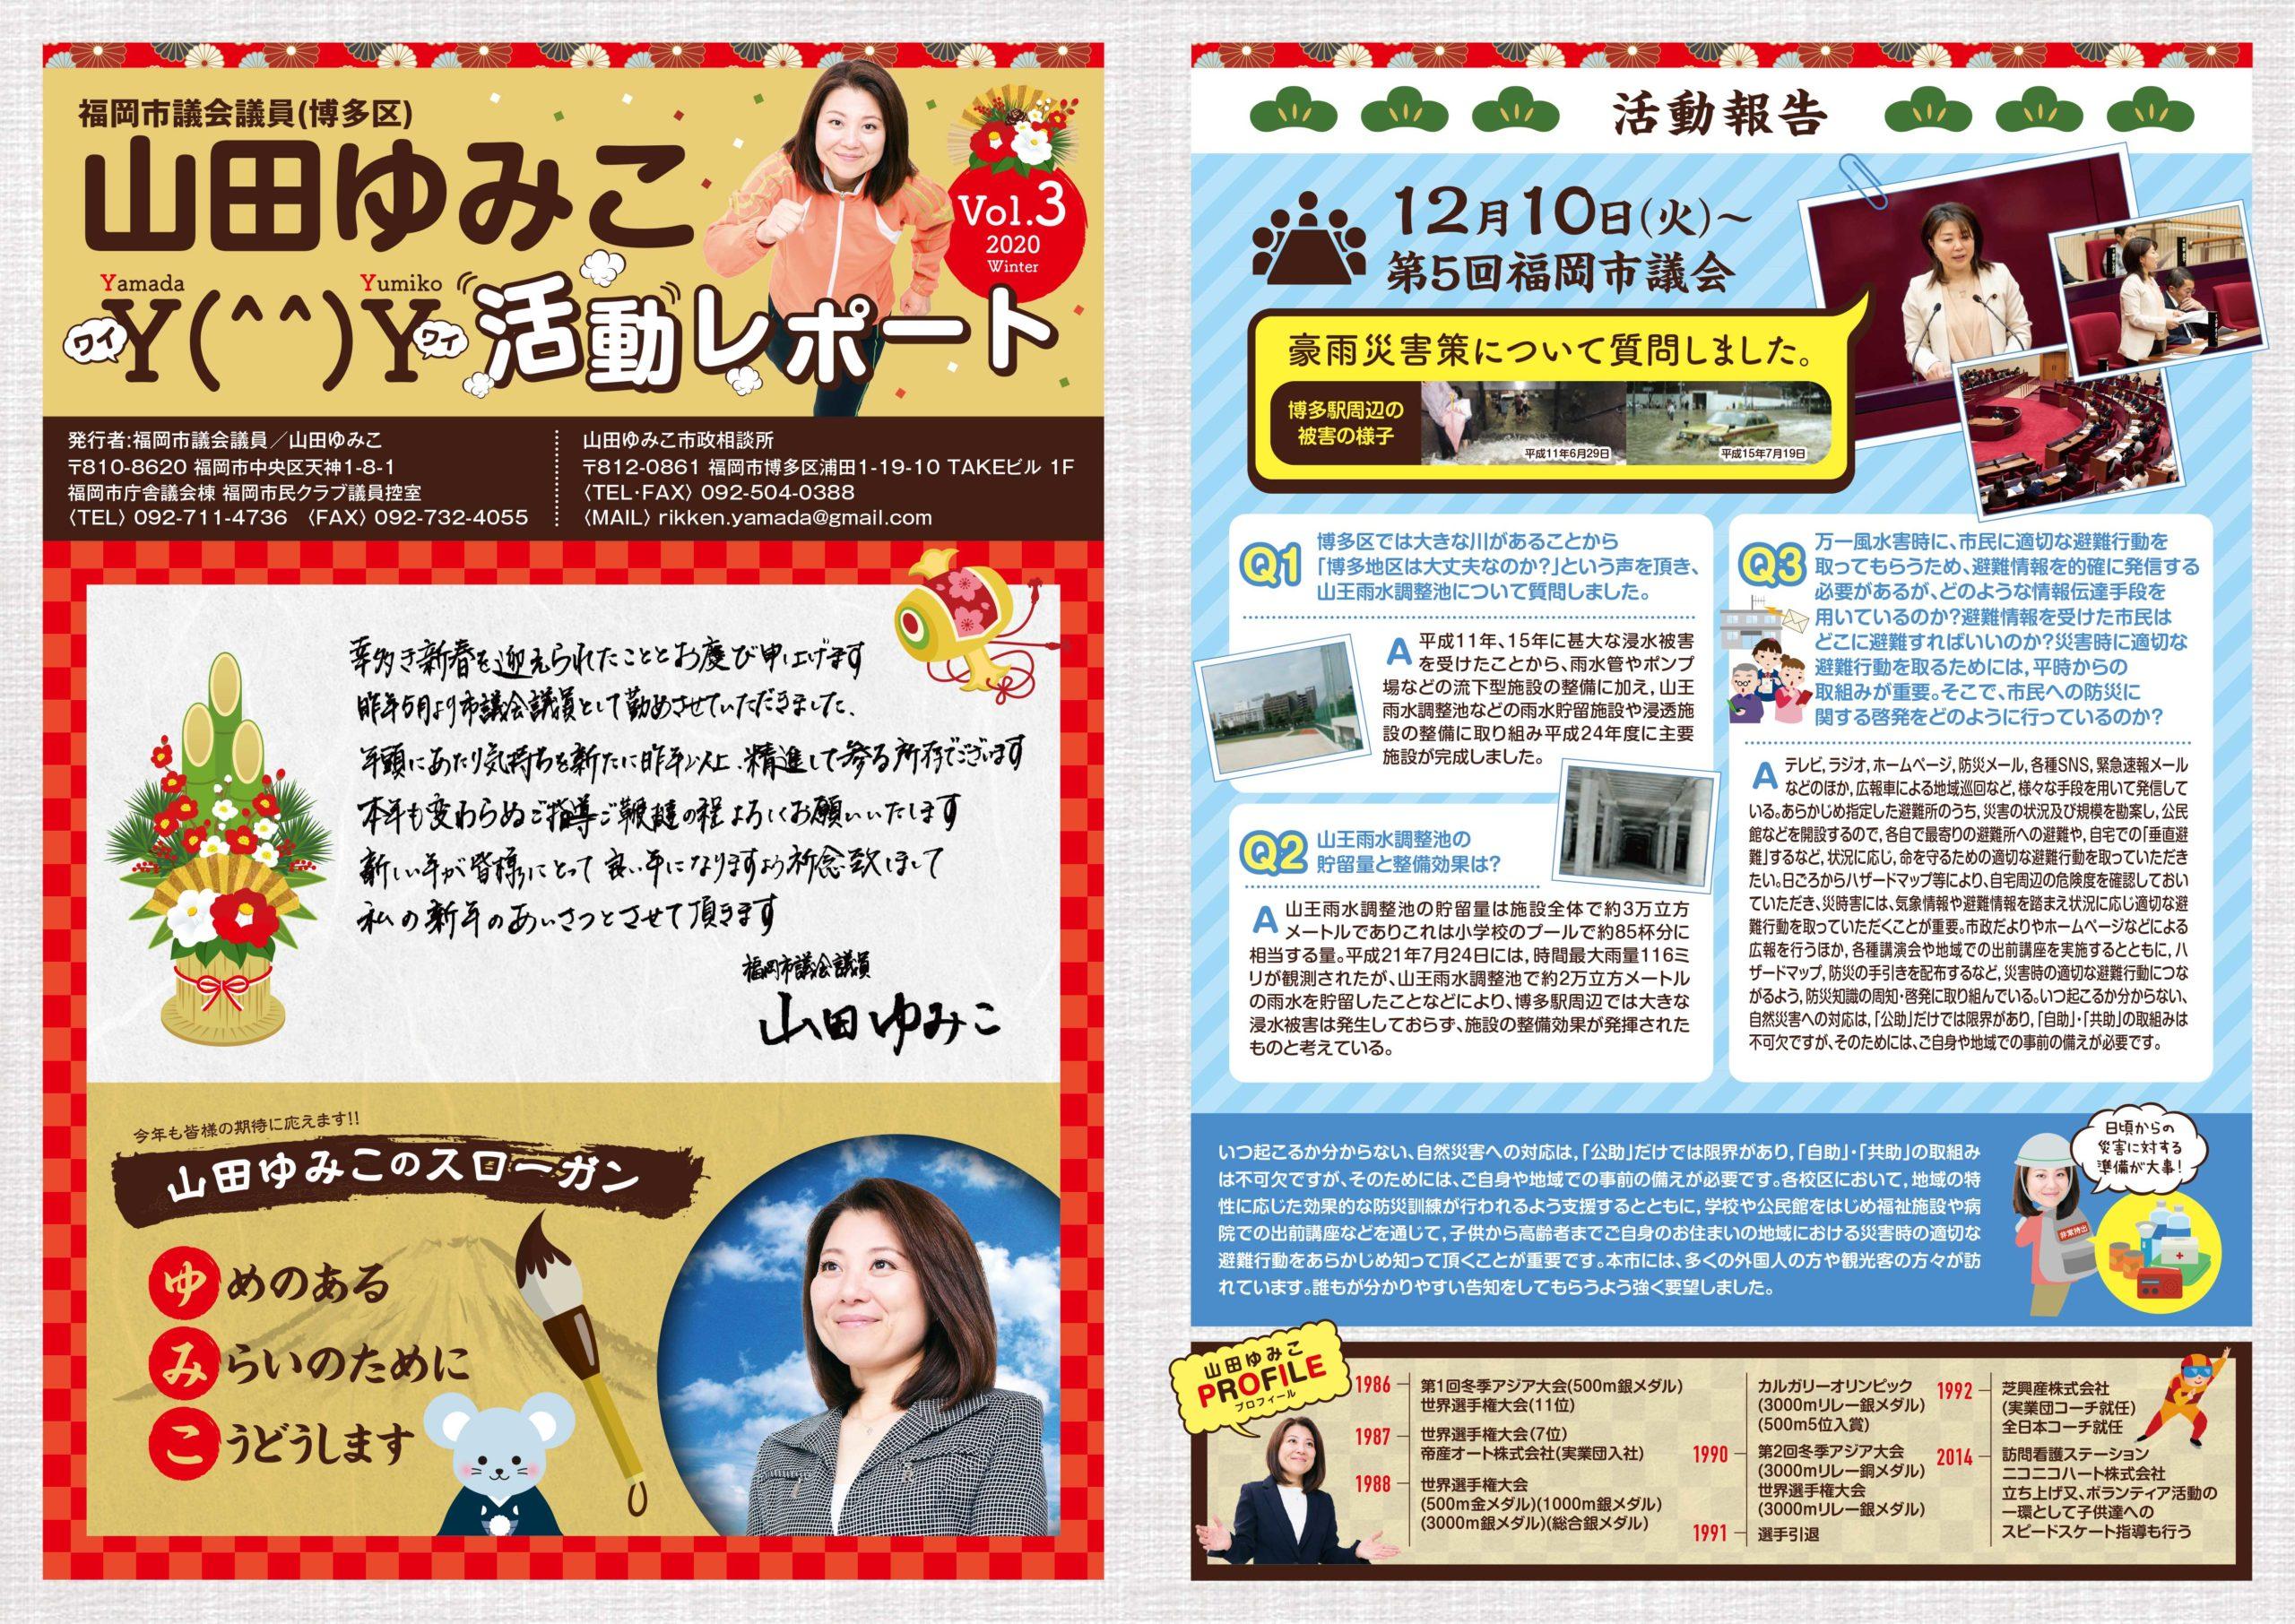 山田ゆみこ活動レポートVol3表